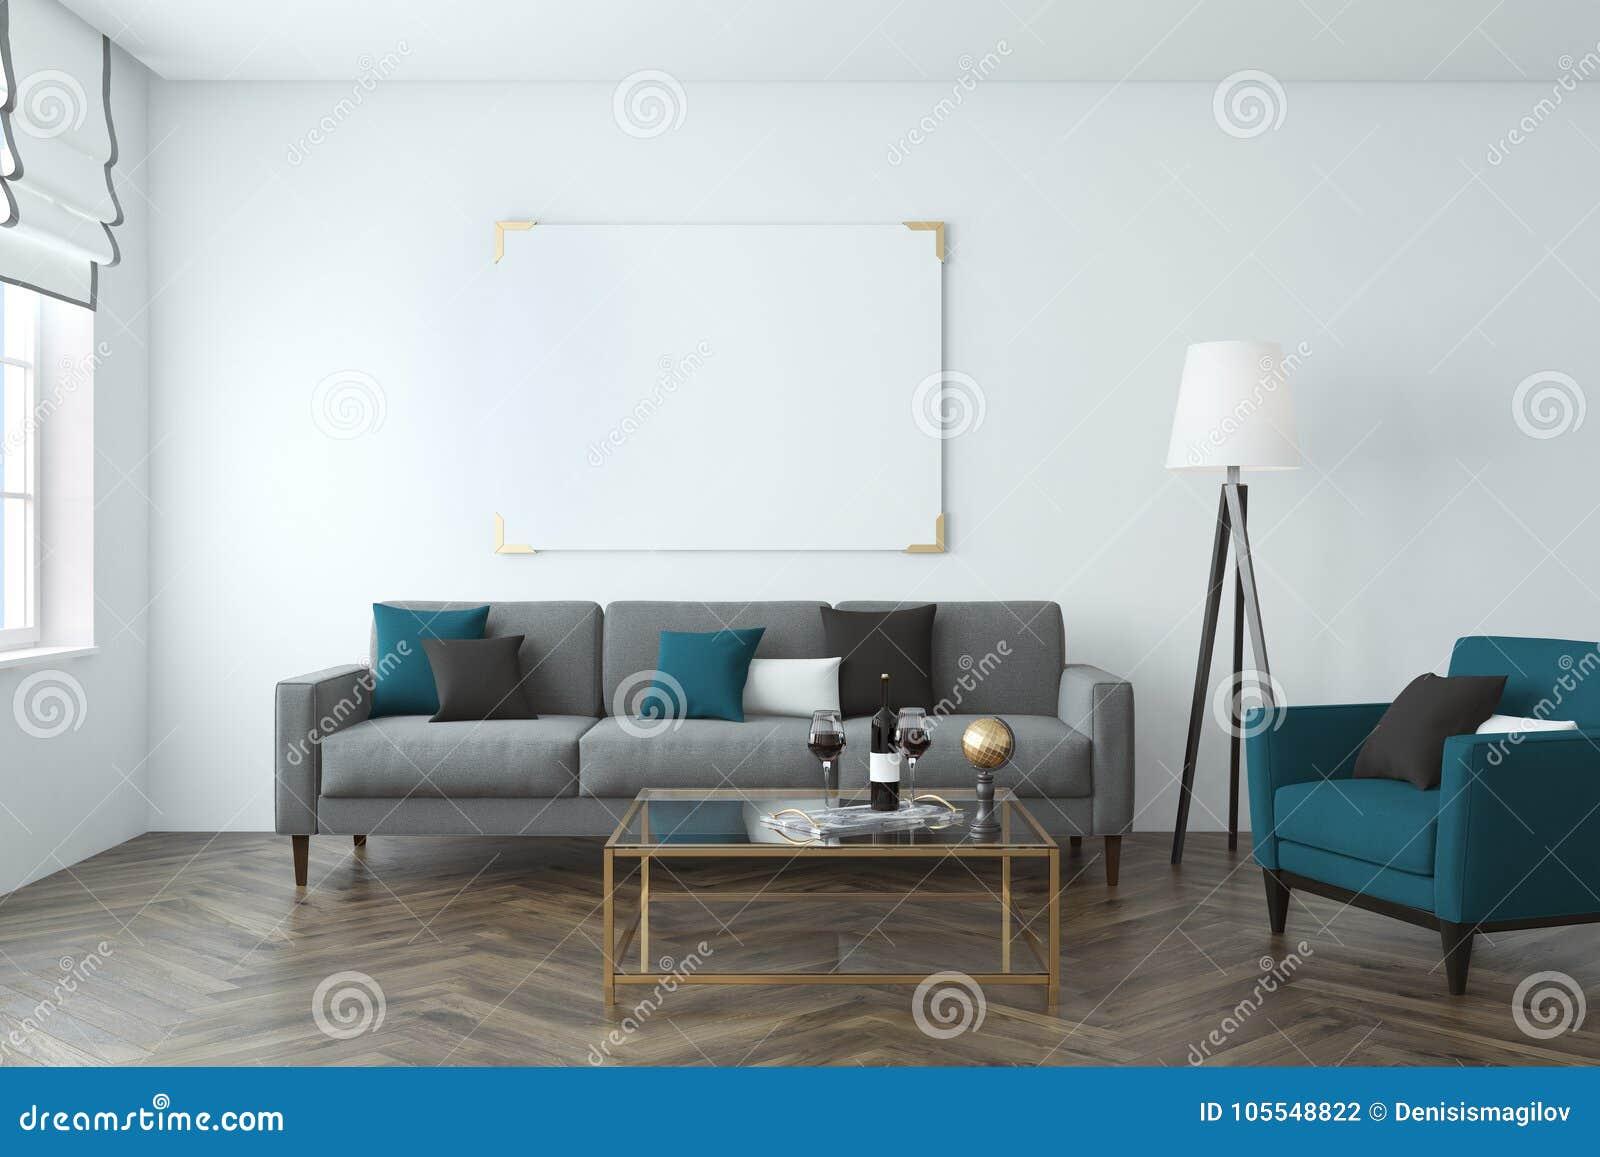 White Wall Living Room, Sofa, Poster Stock Illustration ...